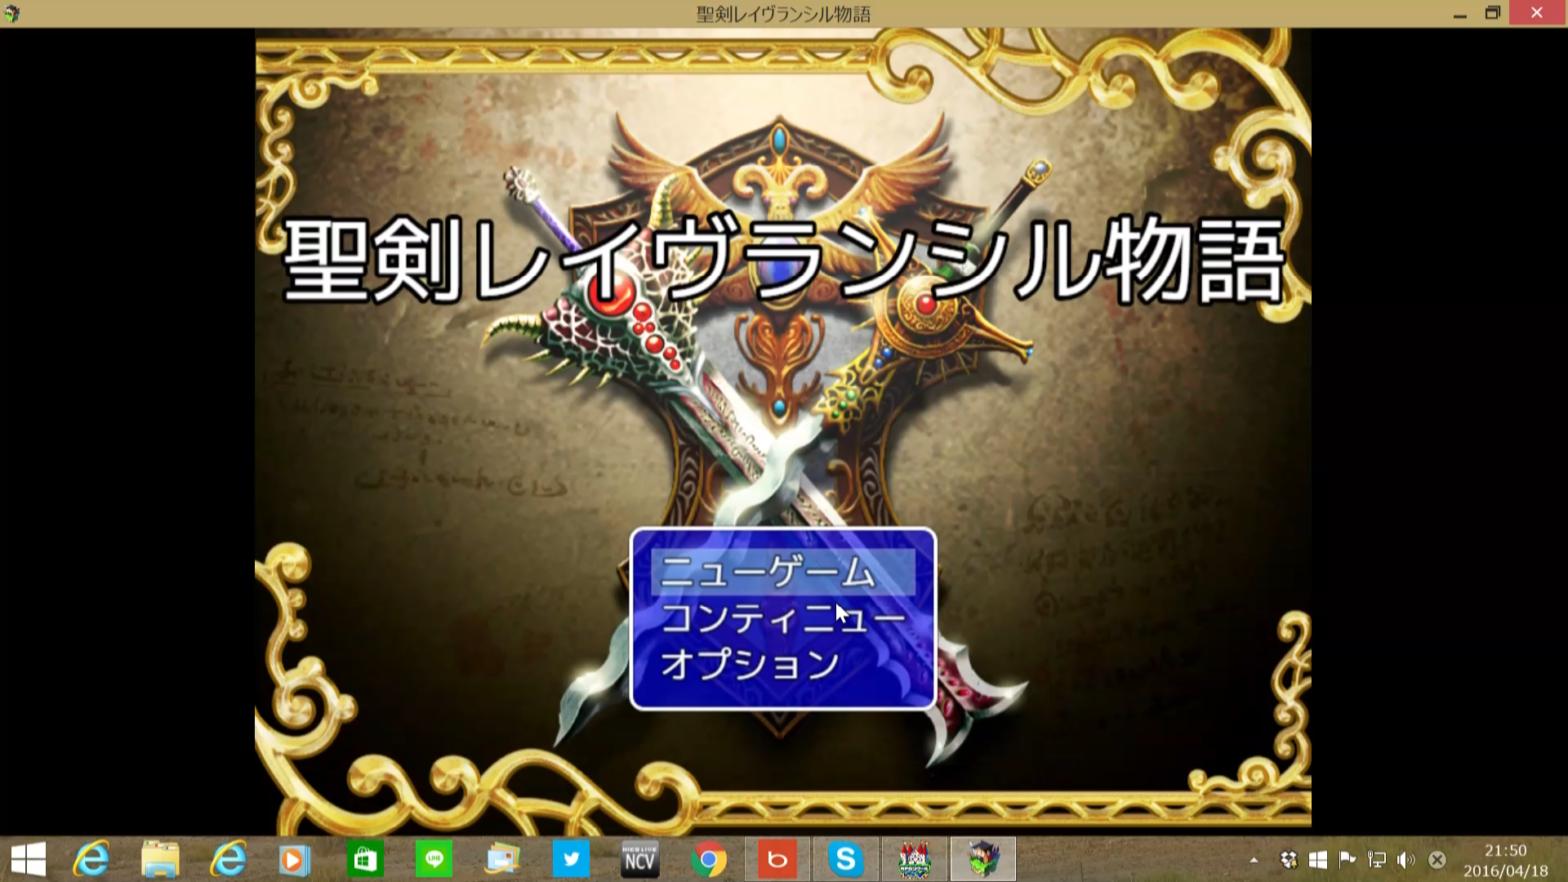 聖剣レイヴランシル物語 Android版